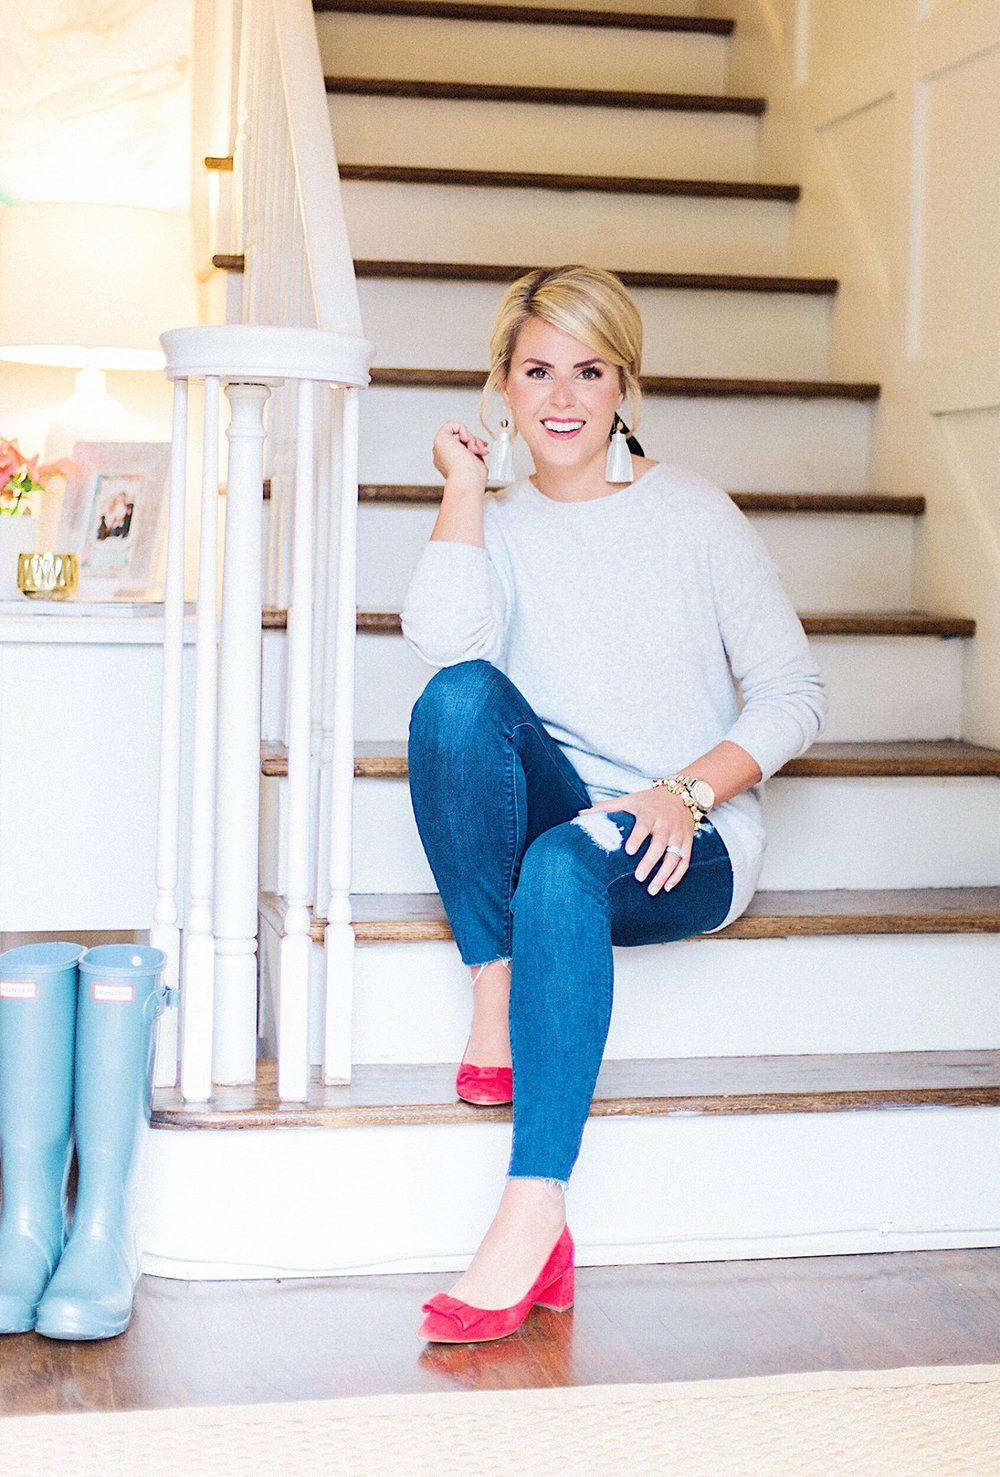 Courtney Clymer, Designer